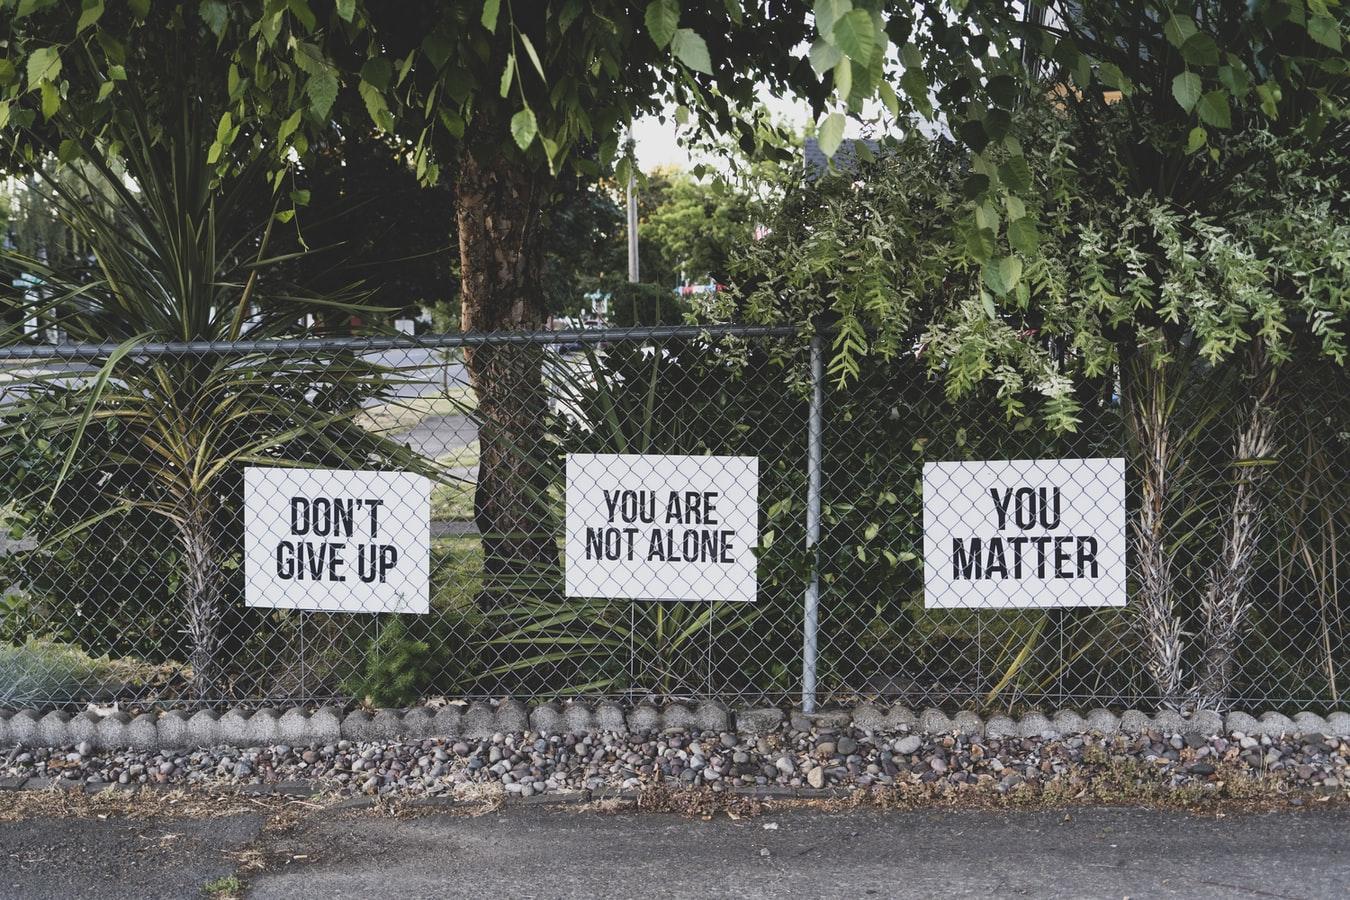 ΟΧΙ στην εύκολη λύση… μην τα παρατάς!  Δεν είσαι μόνος, μίλα!